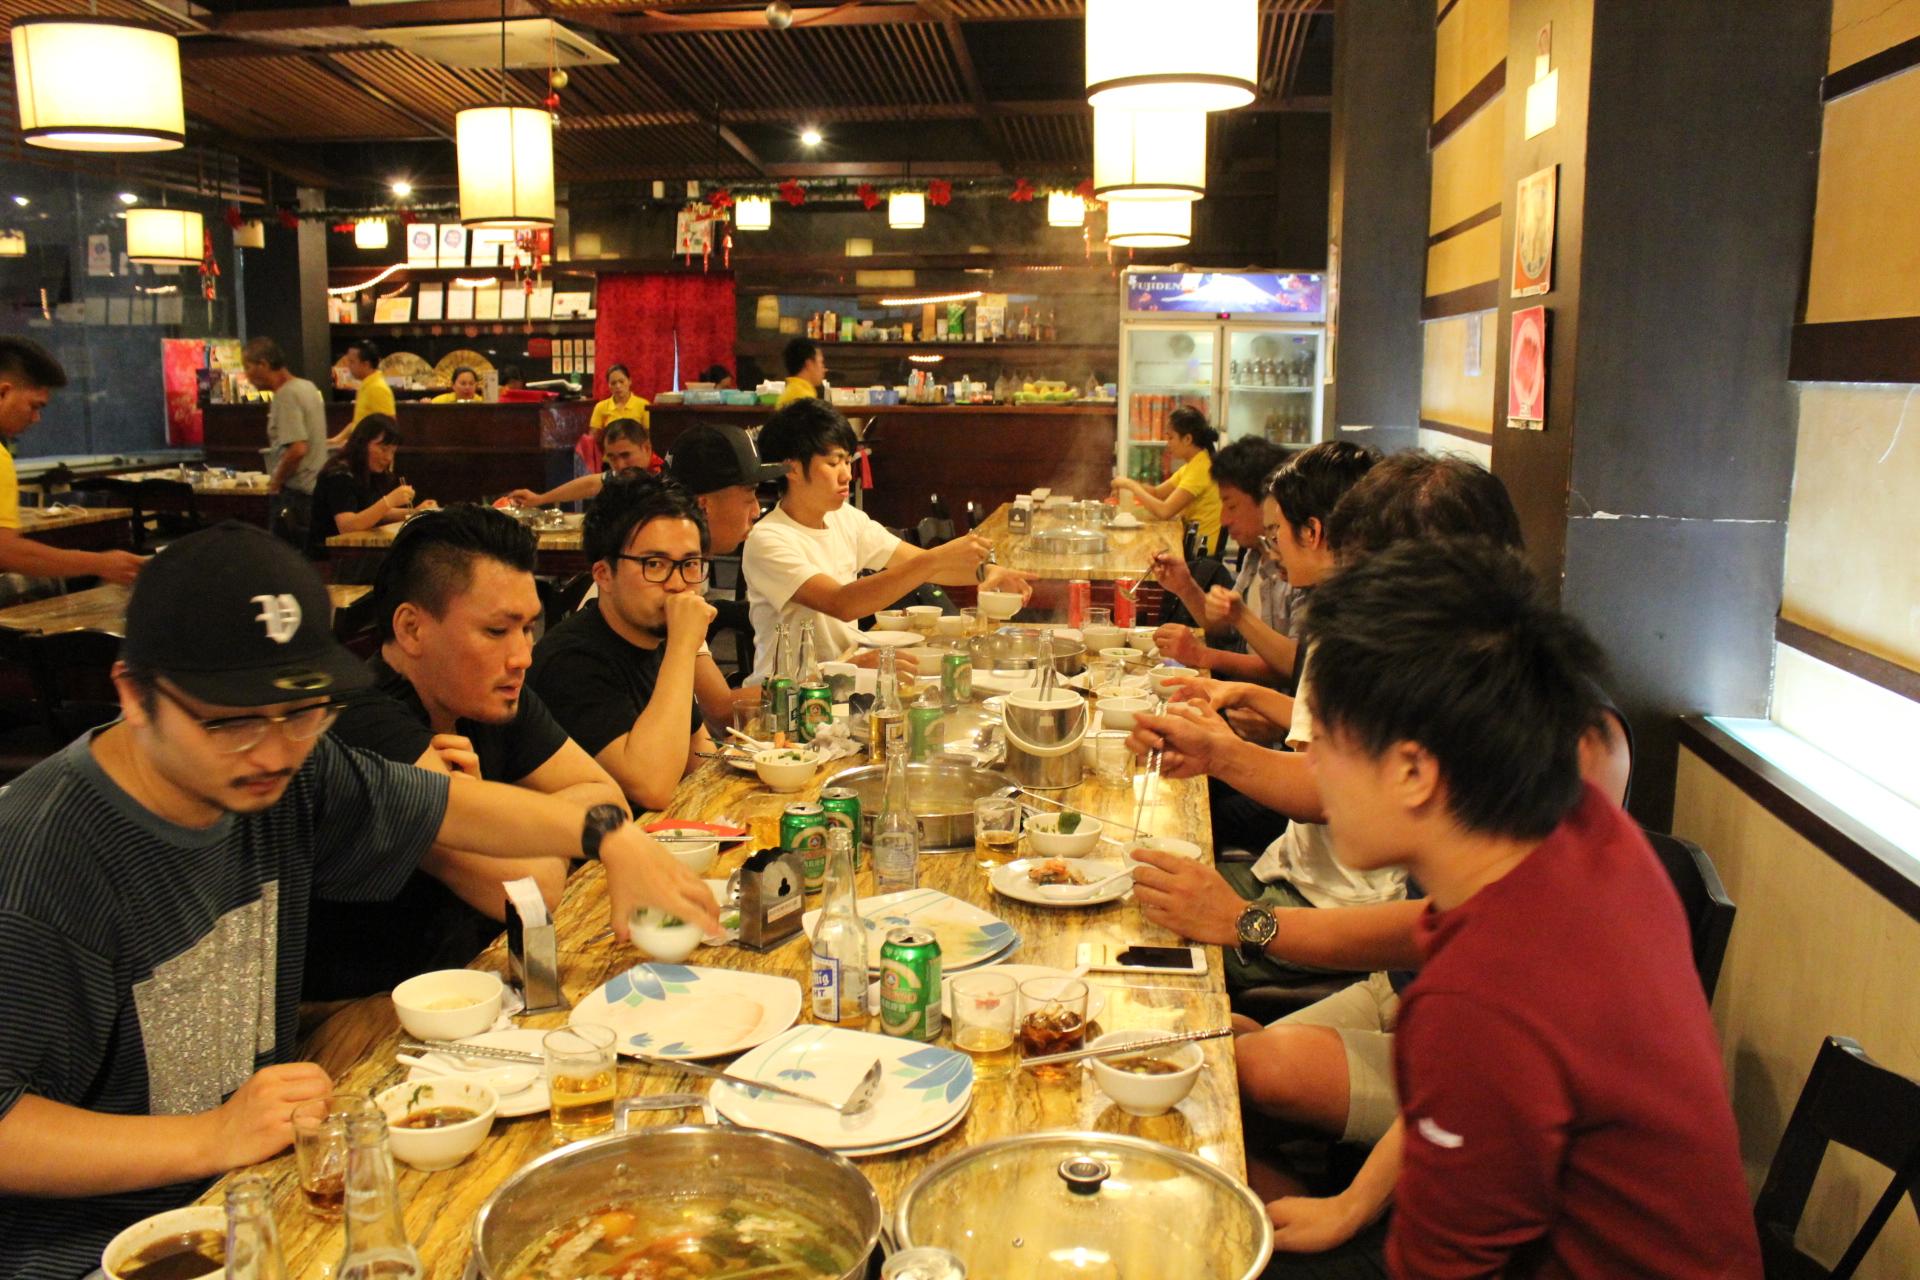 セブの台湾火鍋のお店で夕食を摂るLIGメンバー